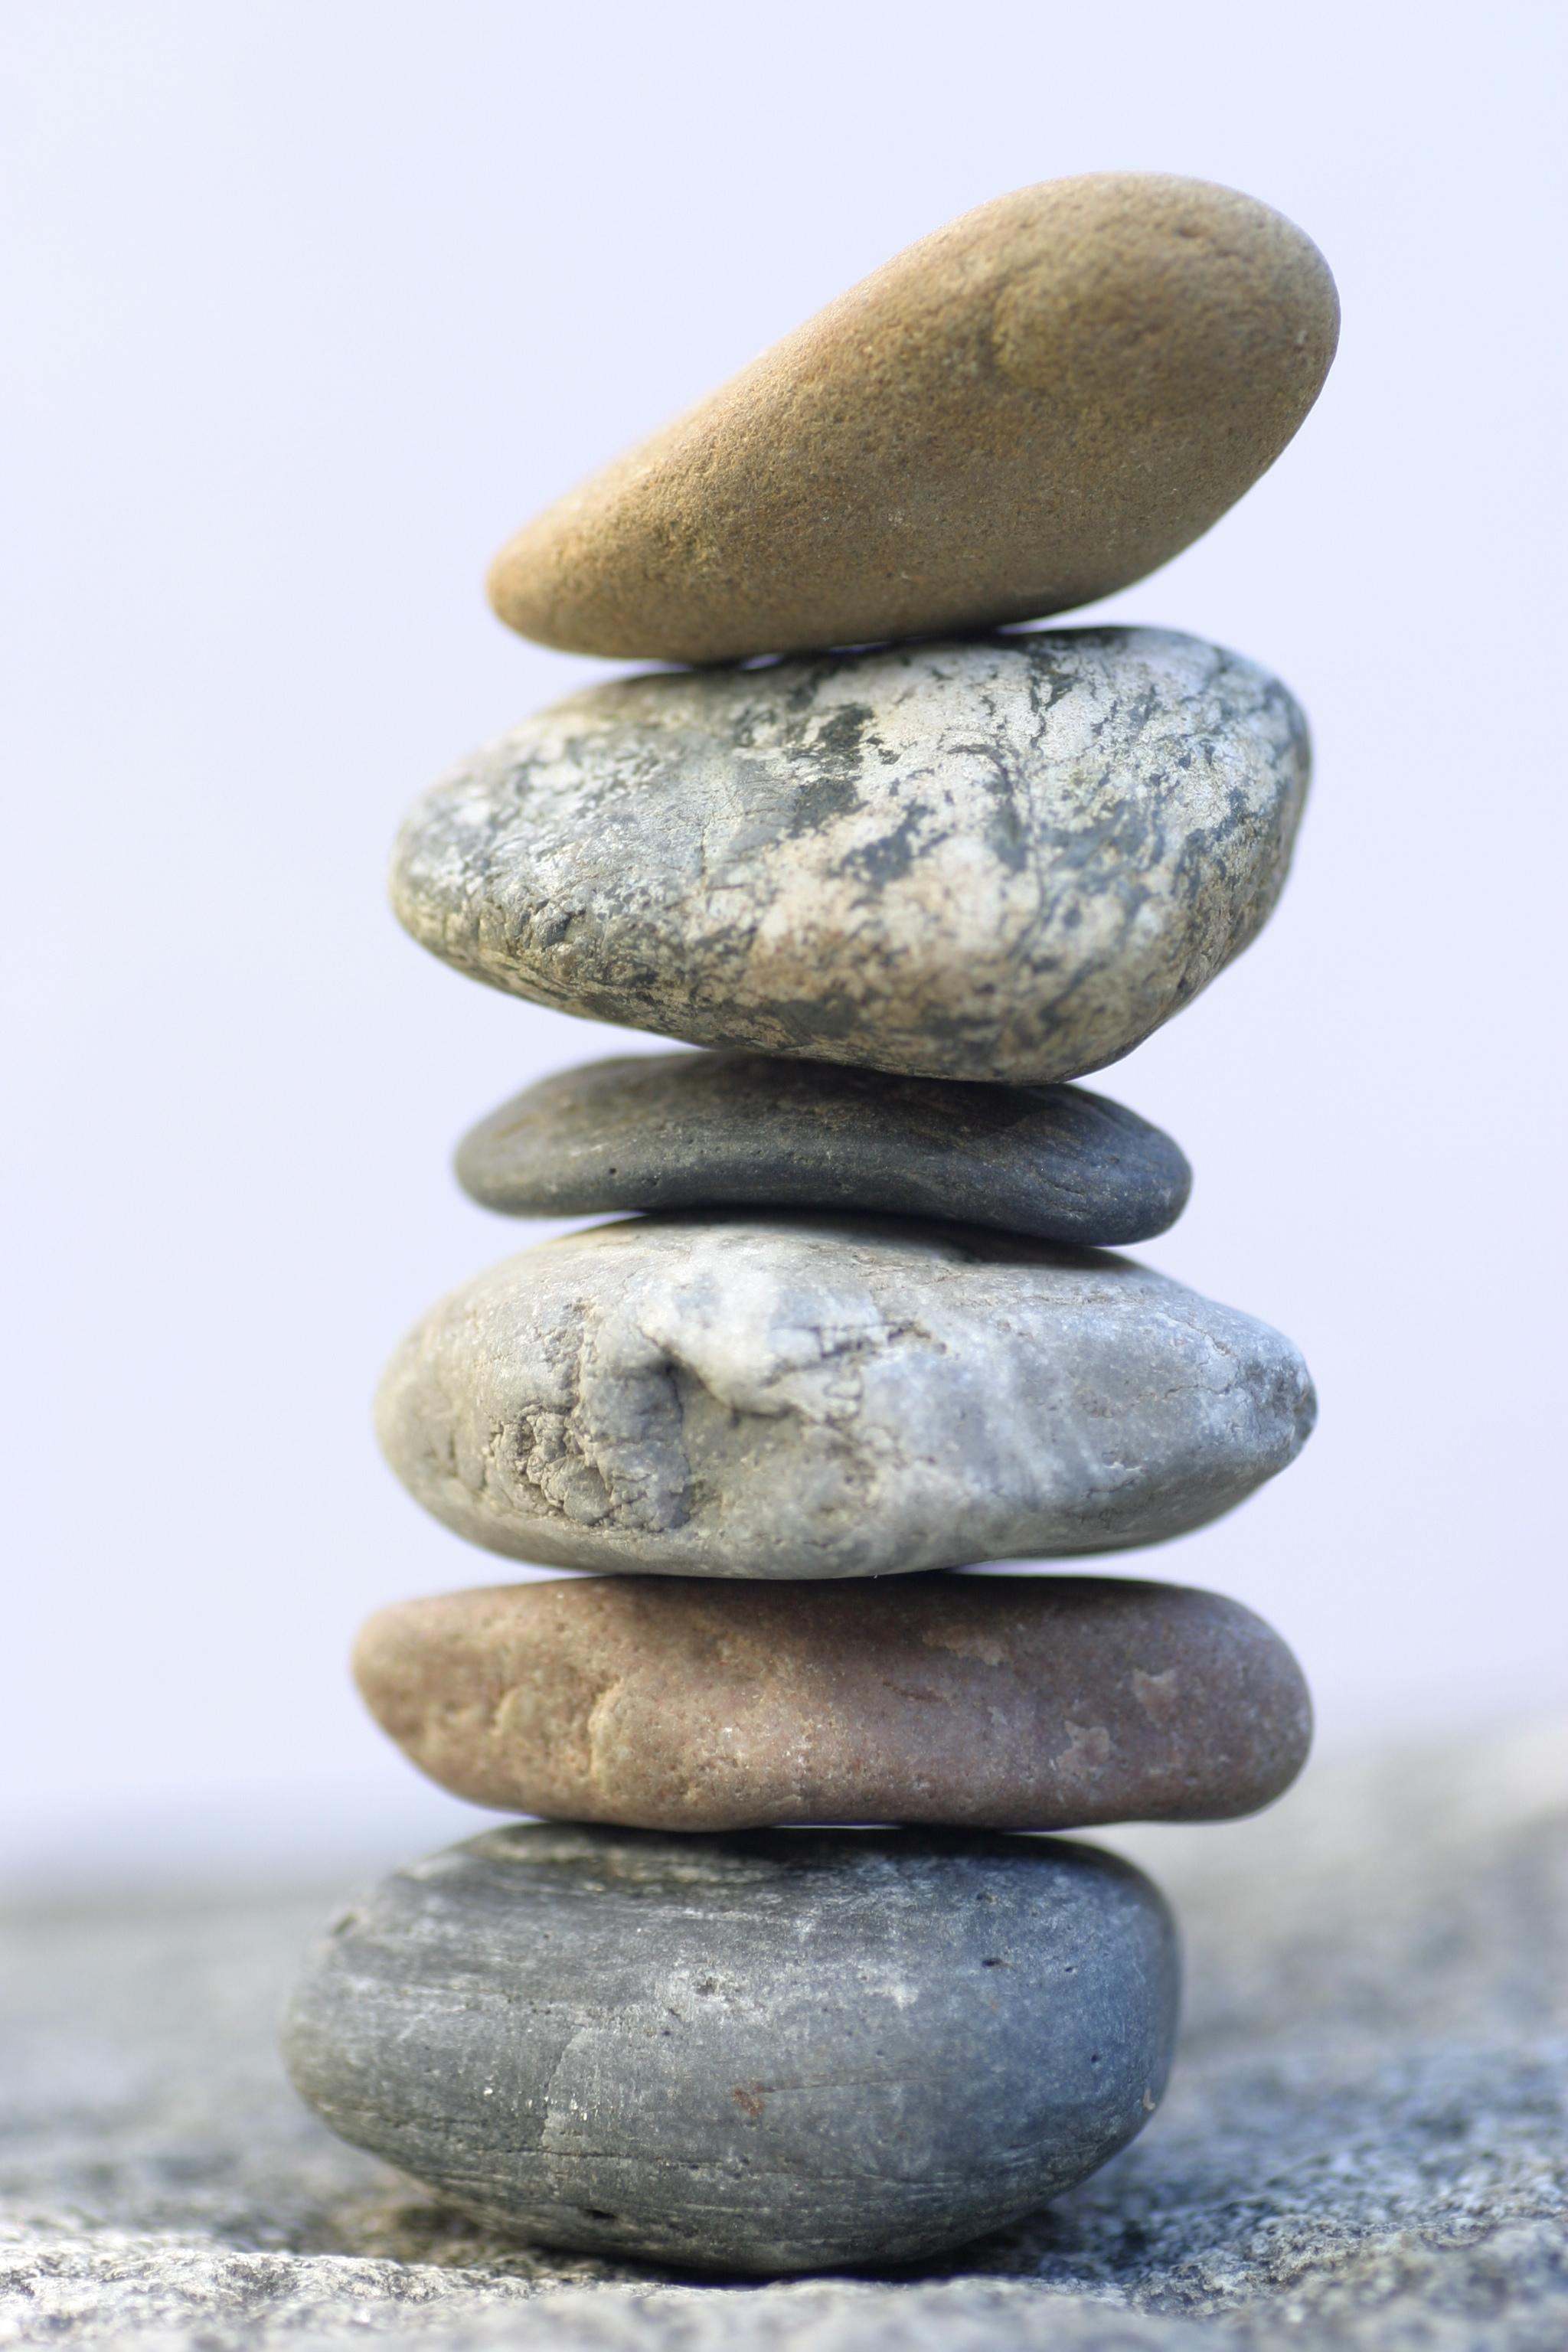 Gesunde Gewohnheiten – Geduld